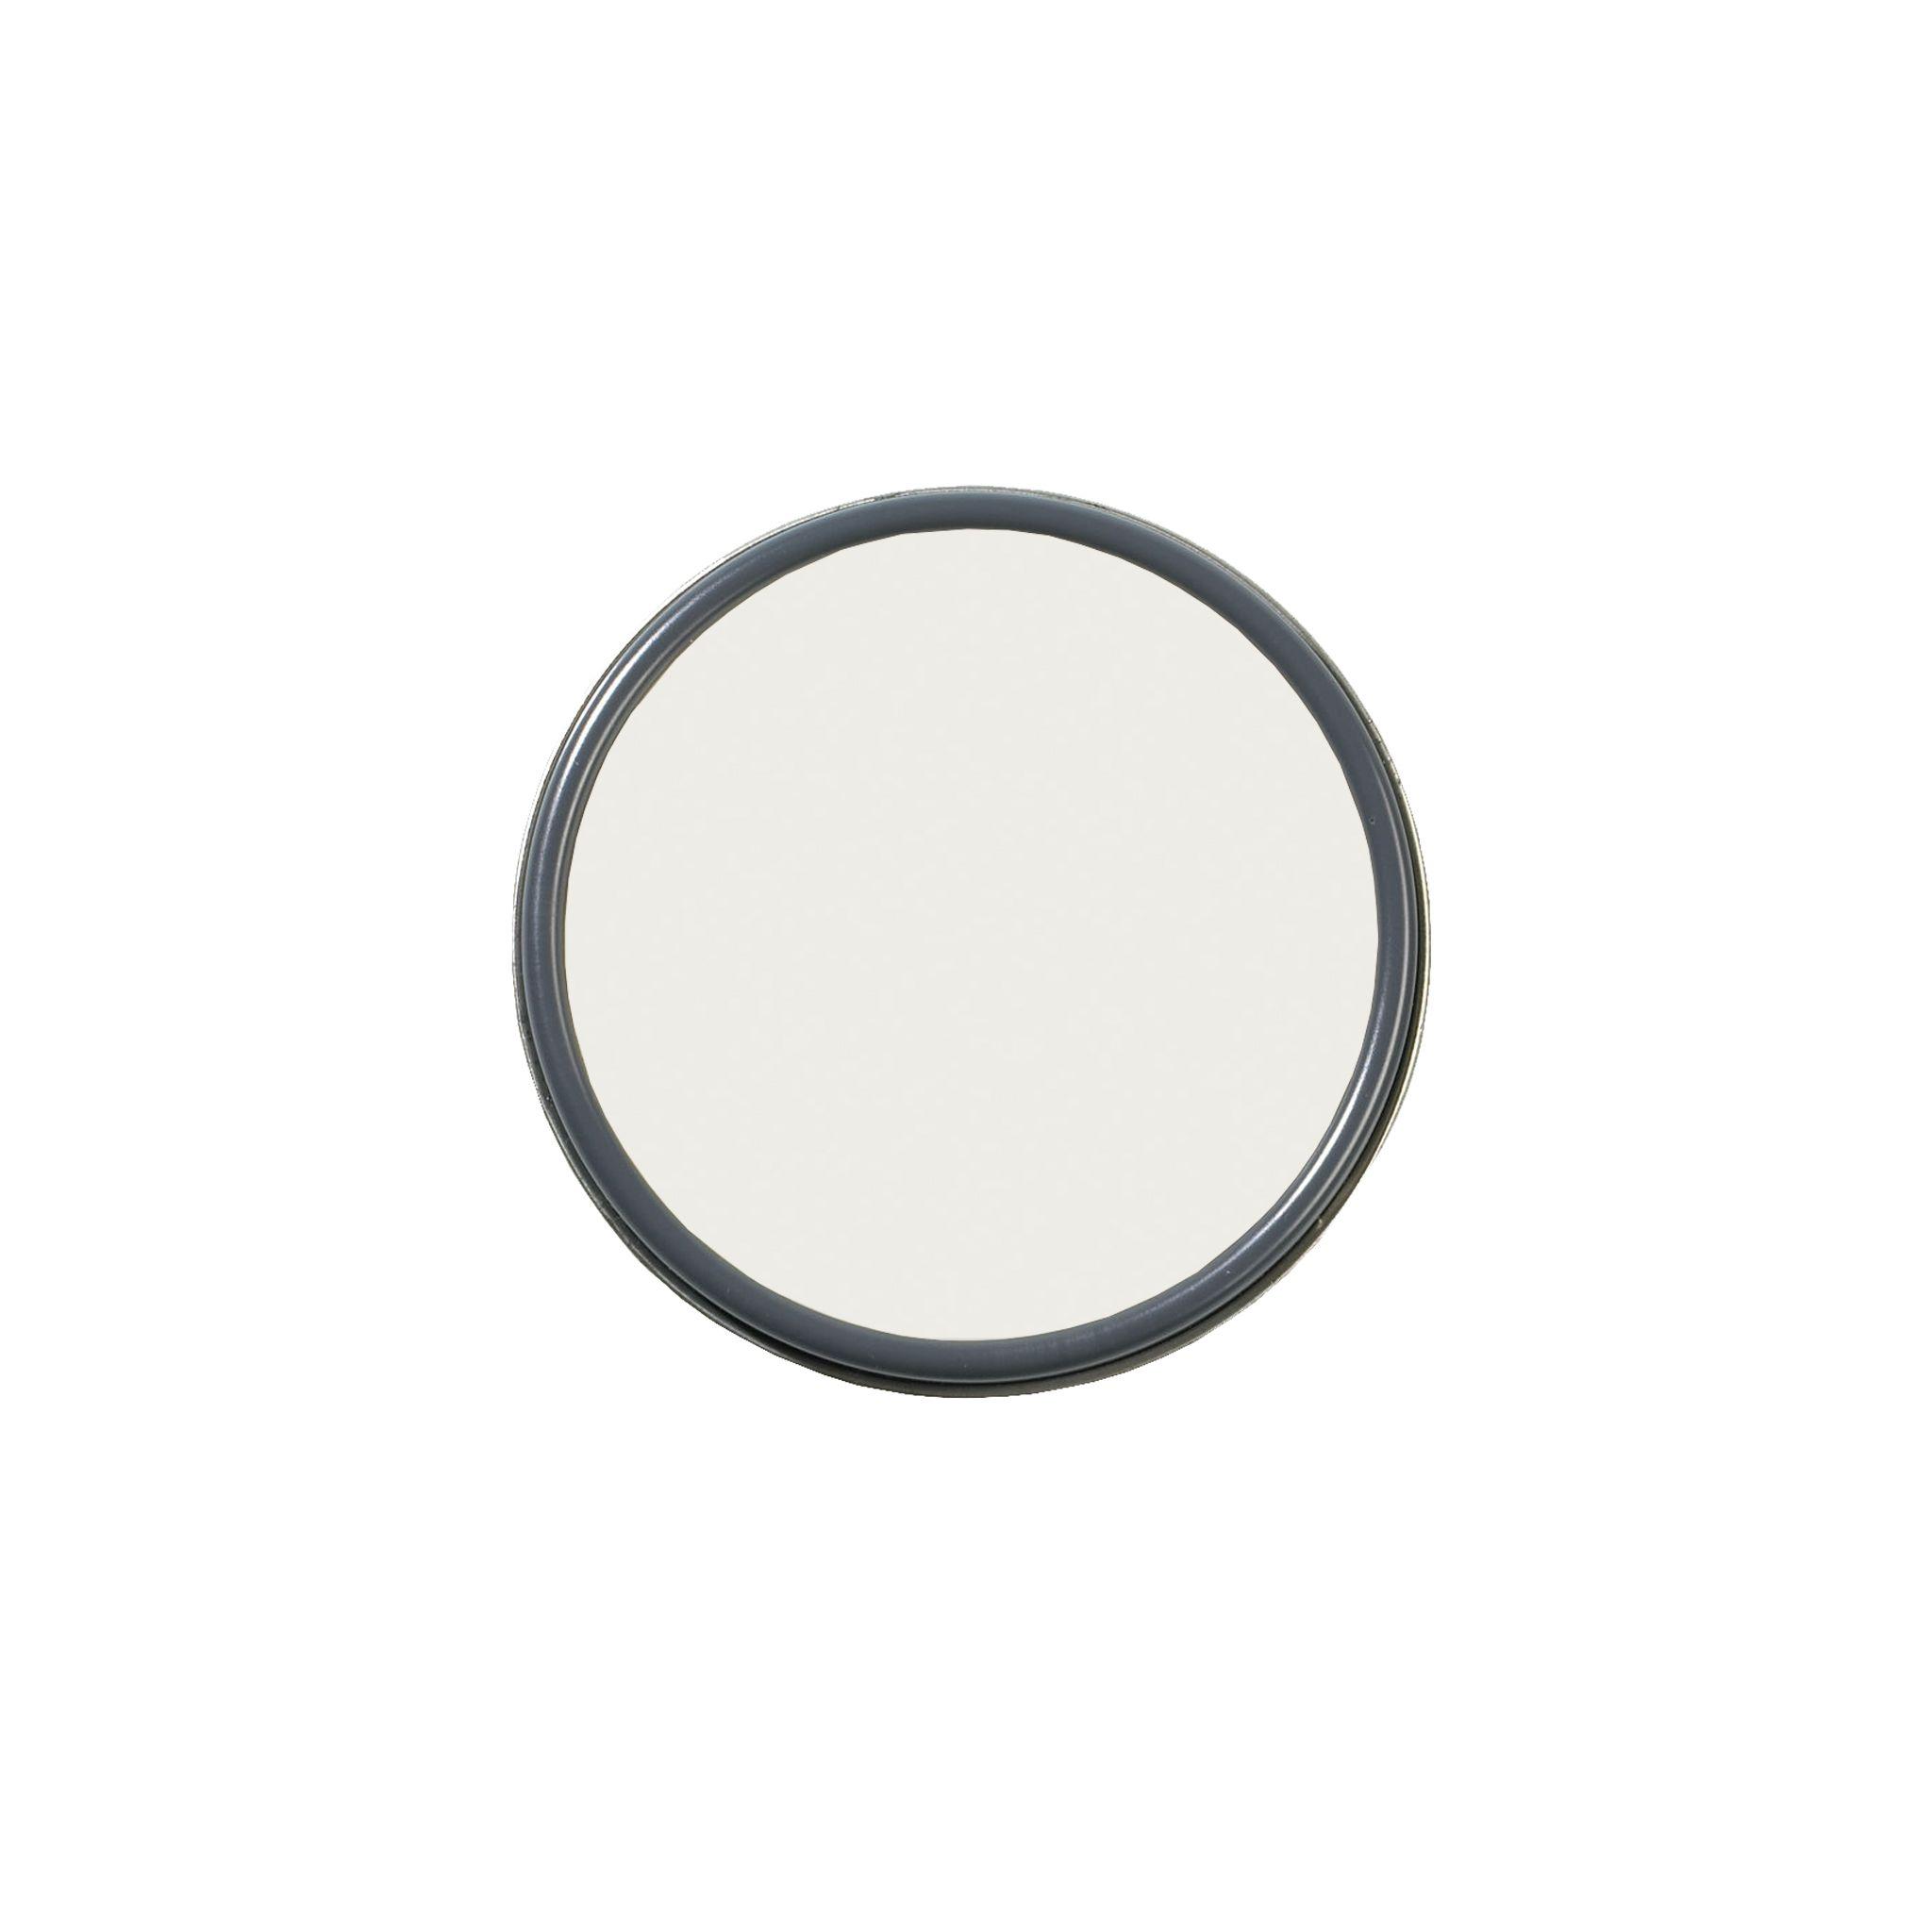 Sherwin-Williams - Extra White